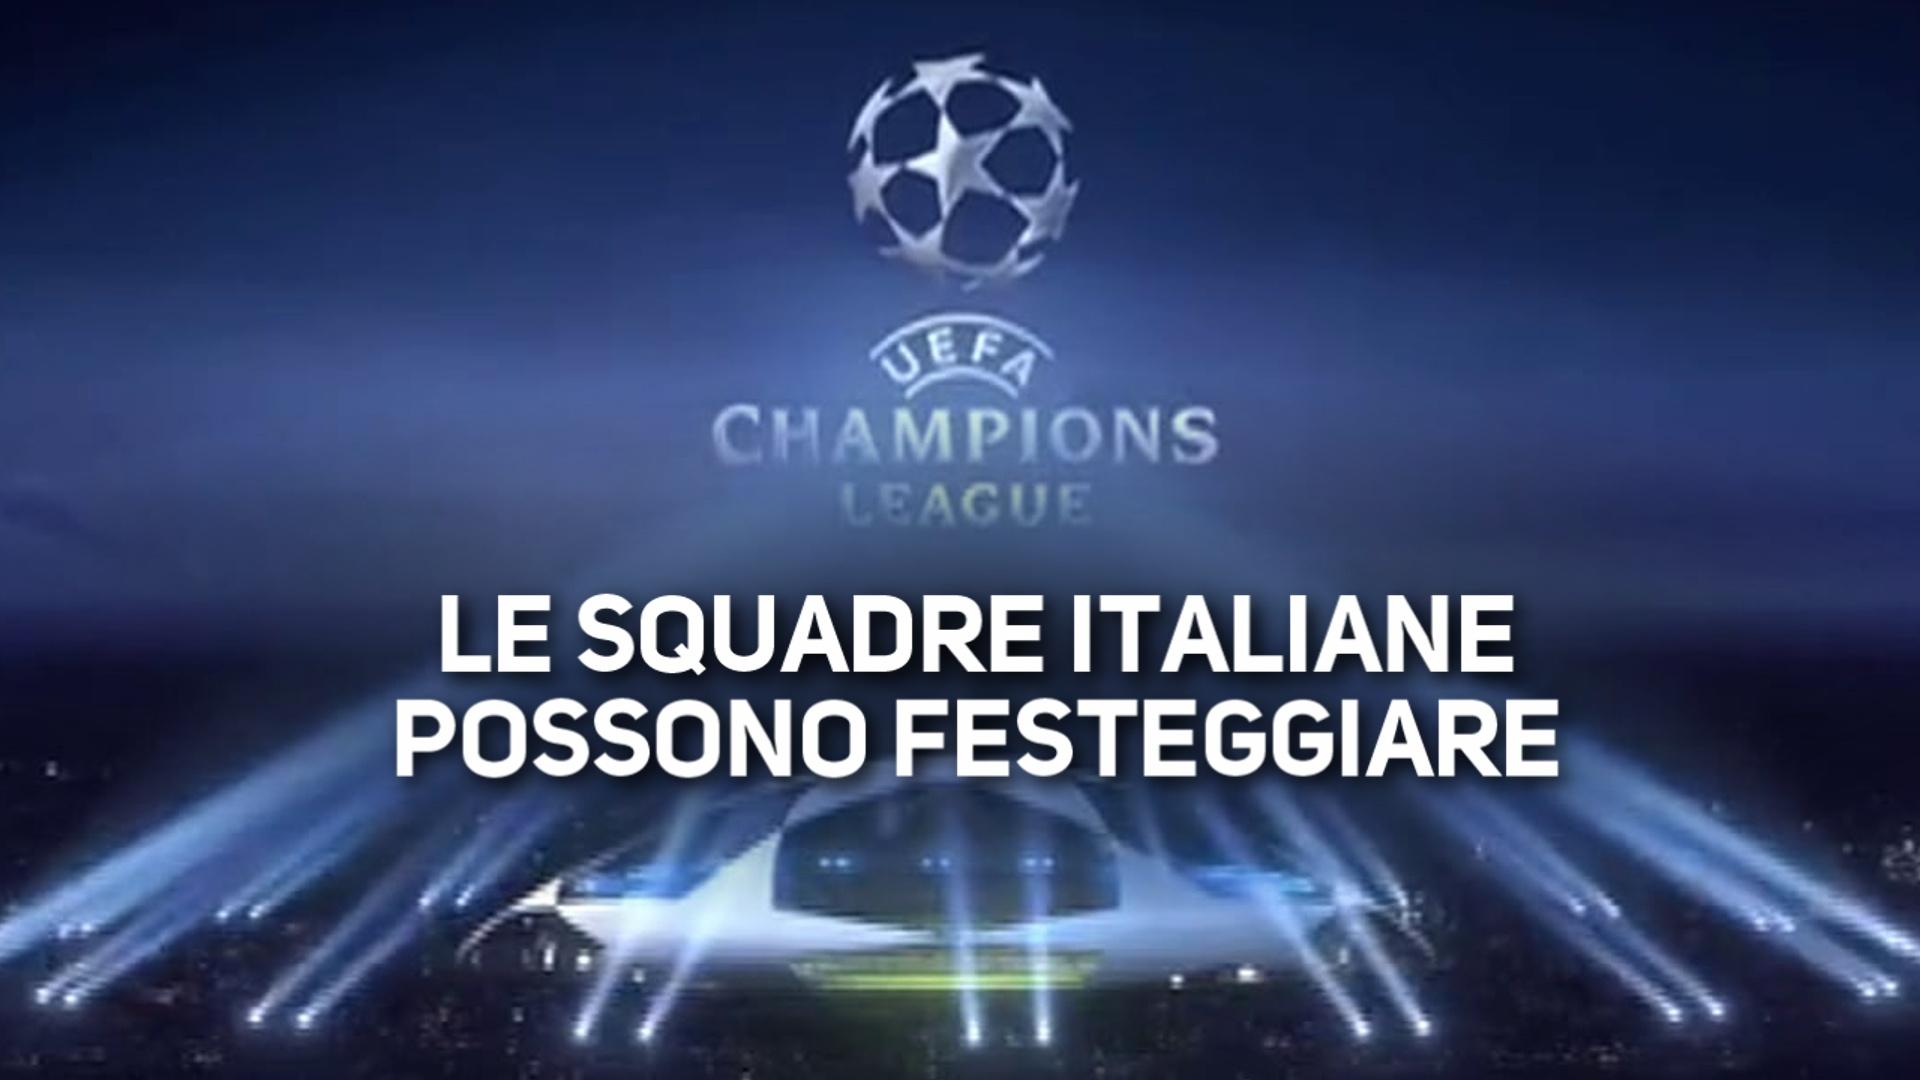 La nuova Champions League sorride all'Italia